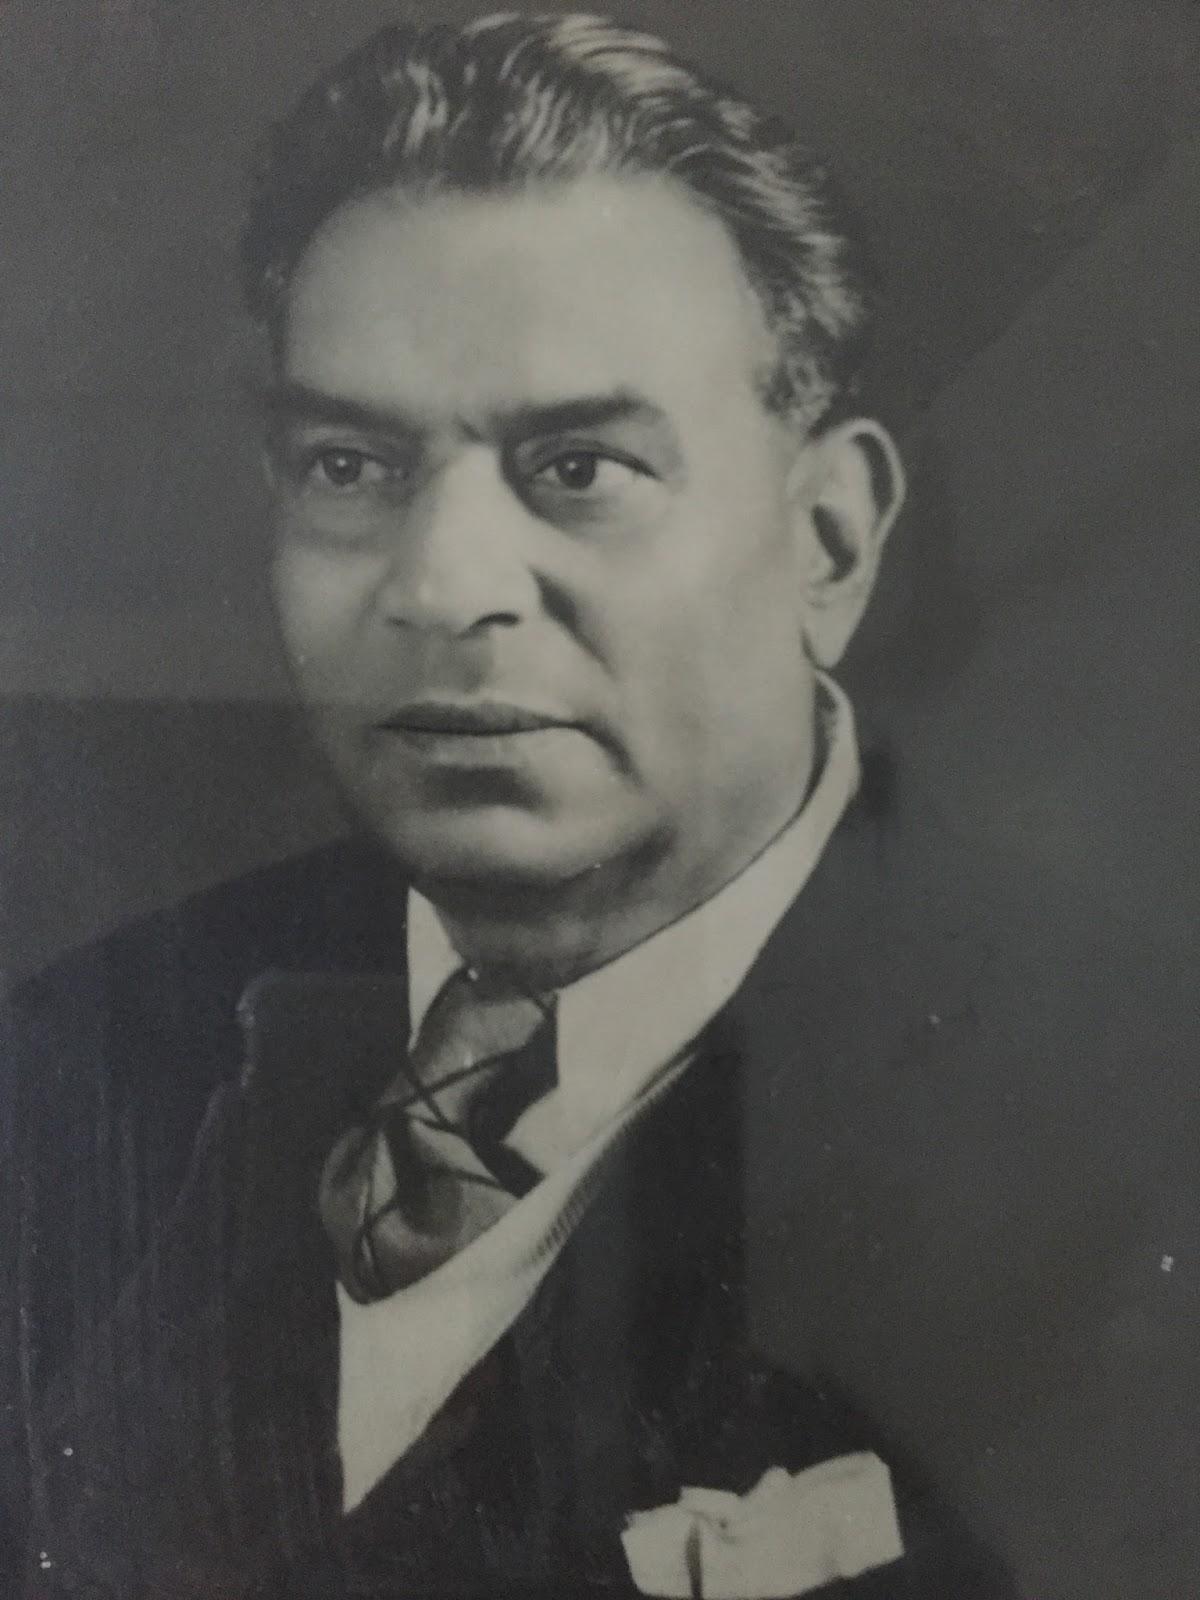 My grandfather Chandulal Dalal